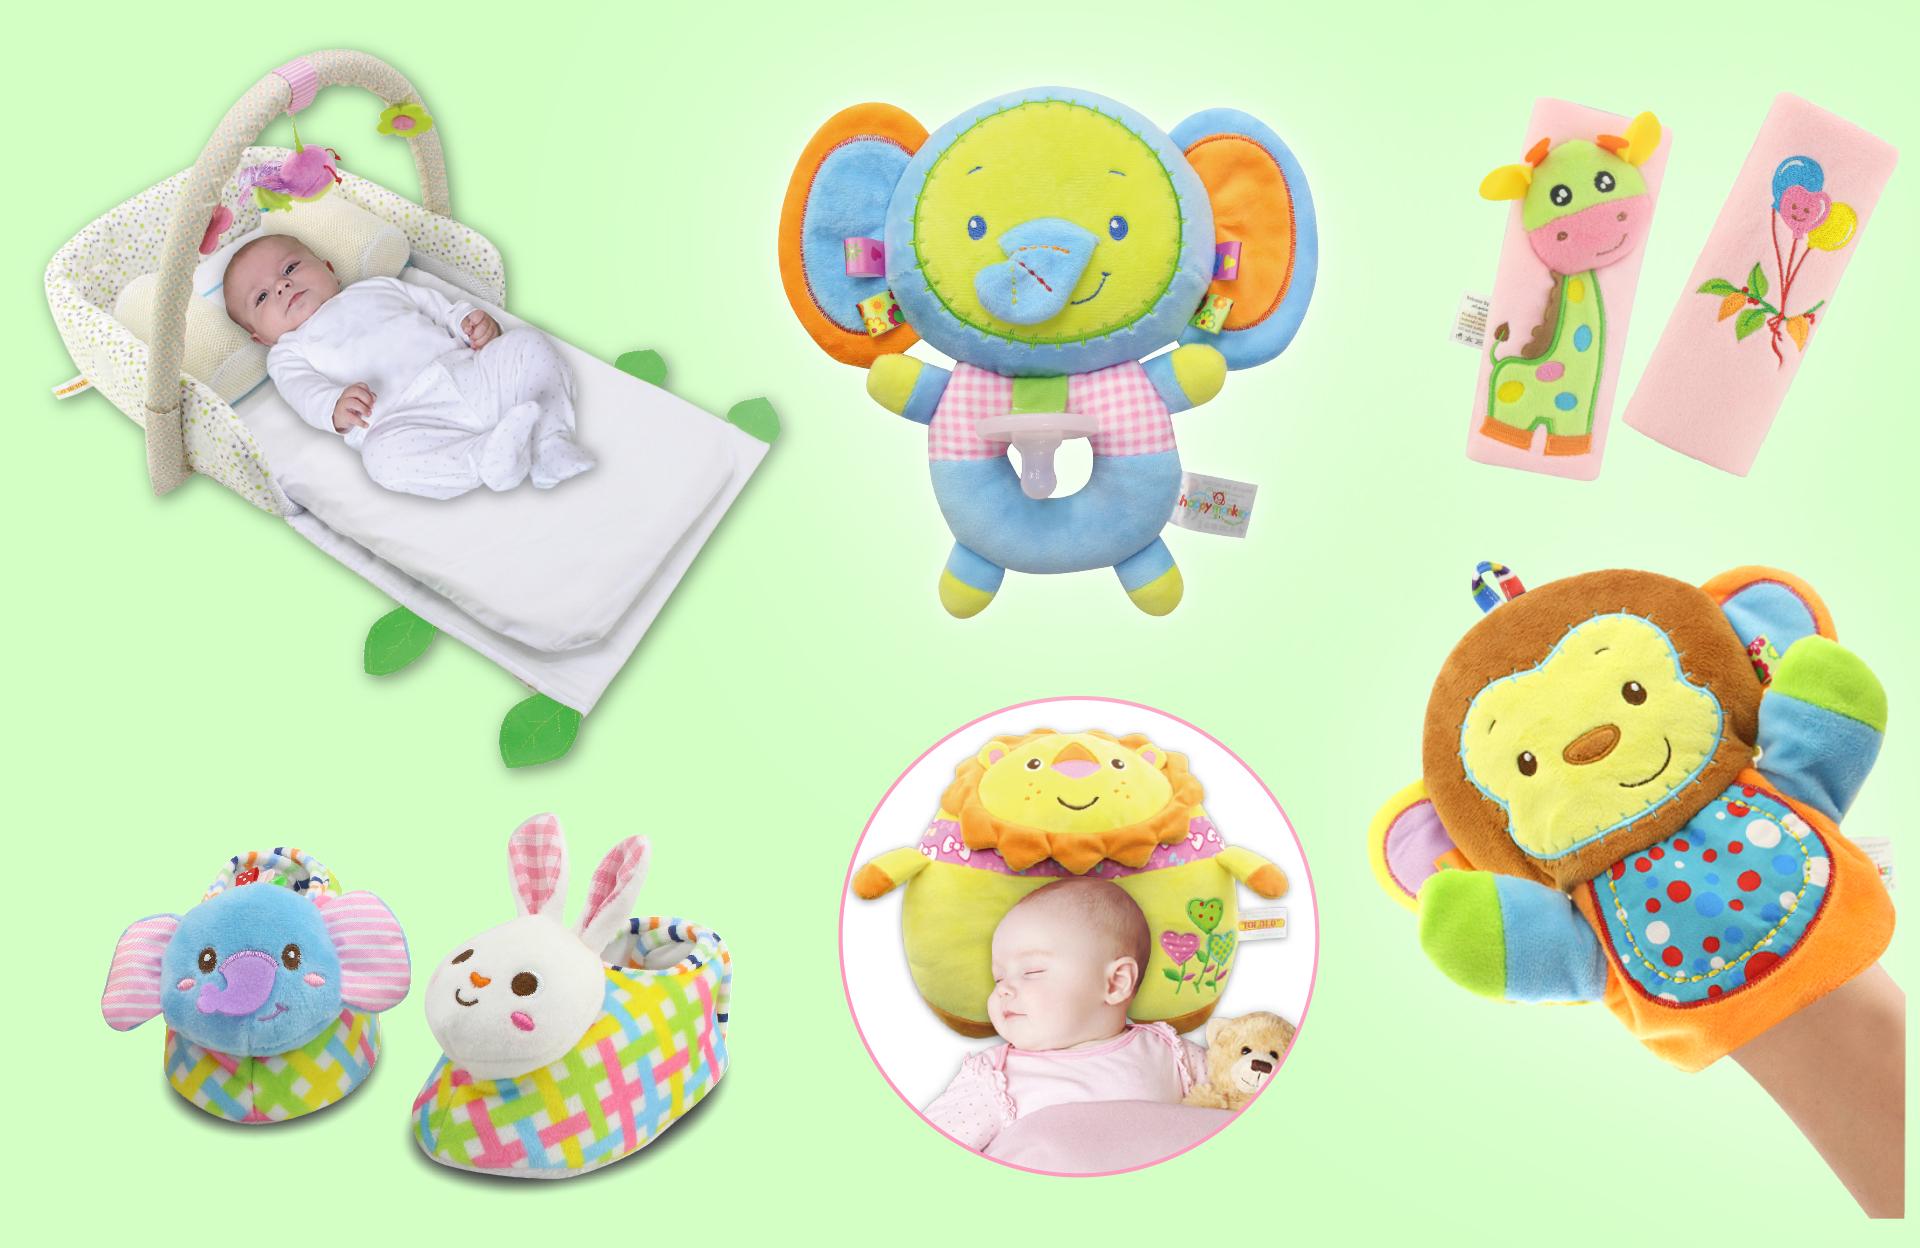 景宝玩具丨宝宝用品系列